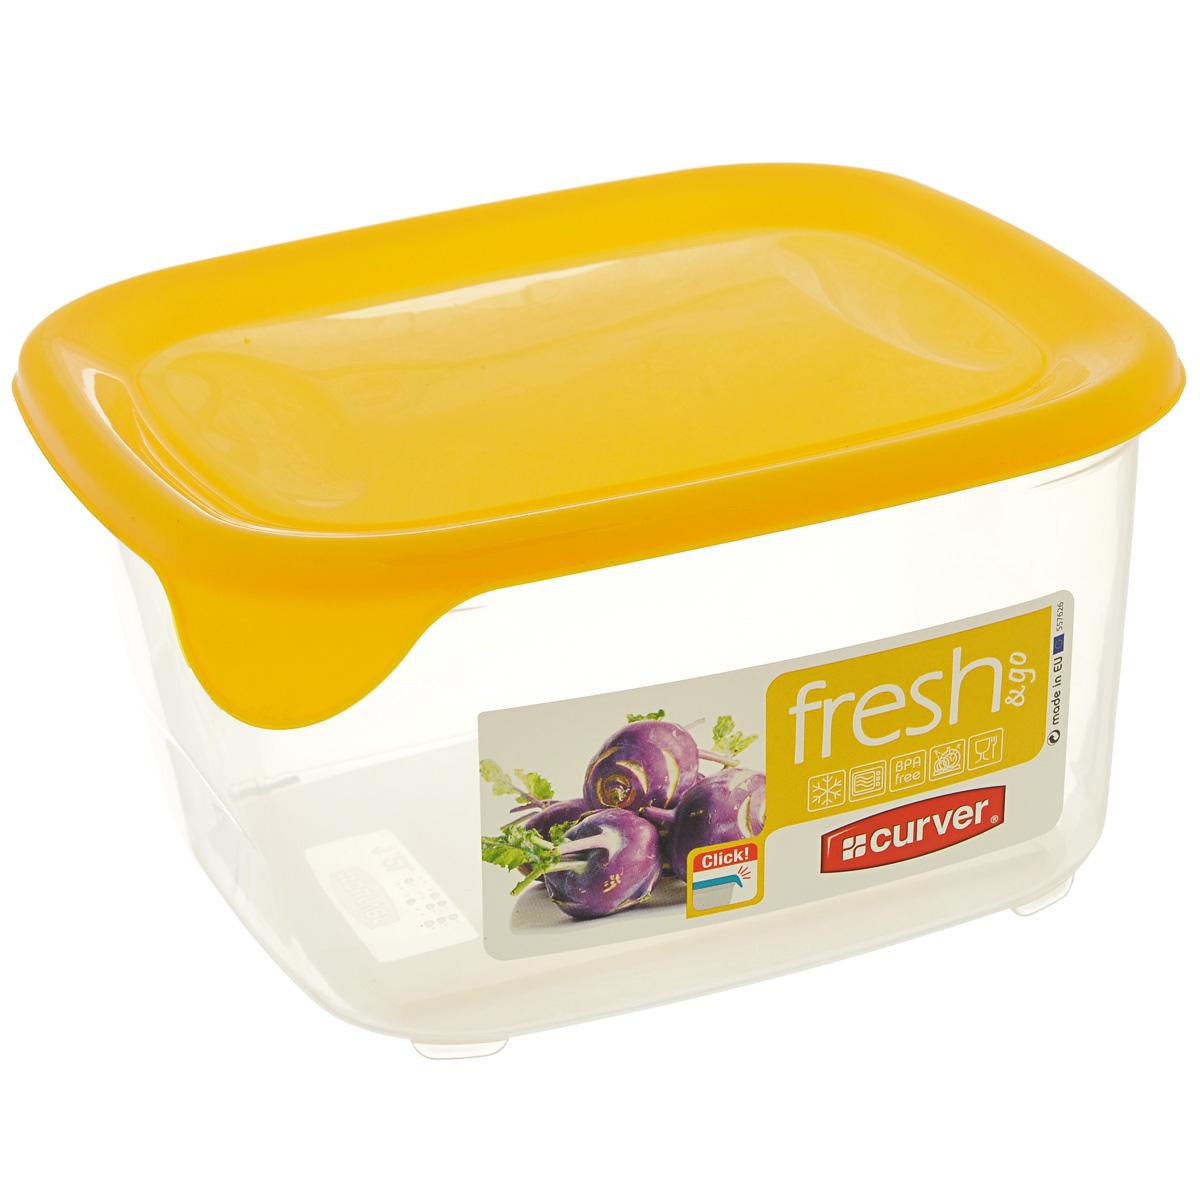 Емкость для заморозки и СВЧ Curver Fresh & Go, цвет: желтый, 1,2 л00560-007-01Квадратная емкость для заморозки и СВЧ Curver Fresh & Go изготовлена из высококачественного пищевого пластика (BPA free), который выдерживает температуру от -40°С до +100°С. Стенки емкости прозрачные, а крышка цветная. Она плотно закрывается, дольше сохраняя продукты свежими и вкусными. Емкость удобно брать с собой на работу, учебу, пикник или просто использовать для хранения пищи в холодильнике. Можно использовать в микроволновой печи и для заморозки в морозильной камере. Можно мыть в посудомоечной машине.